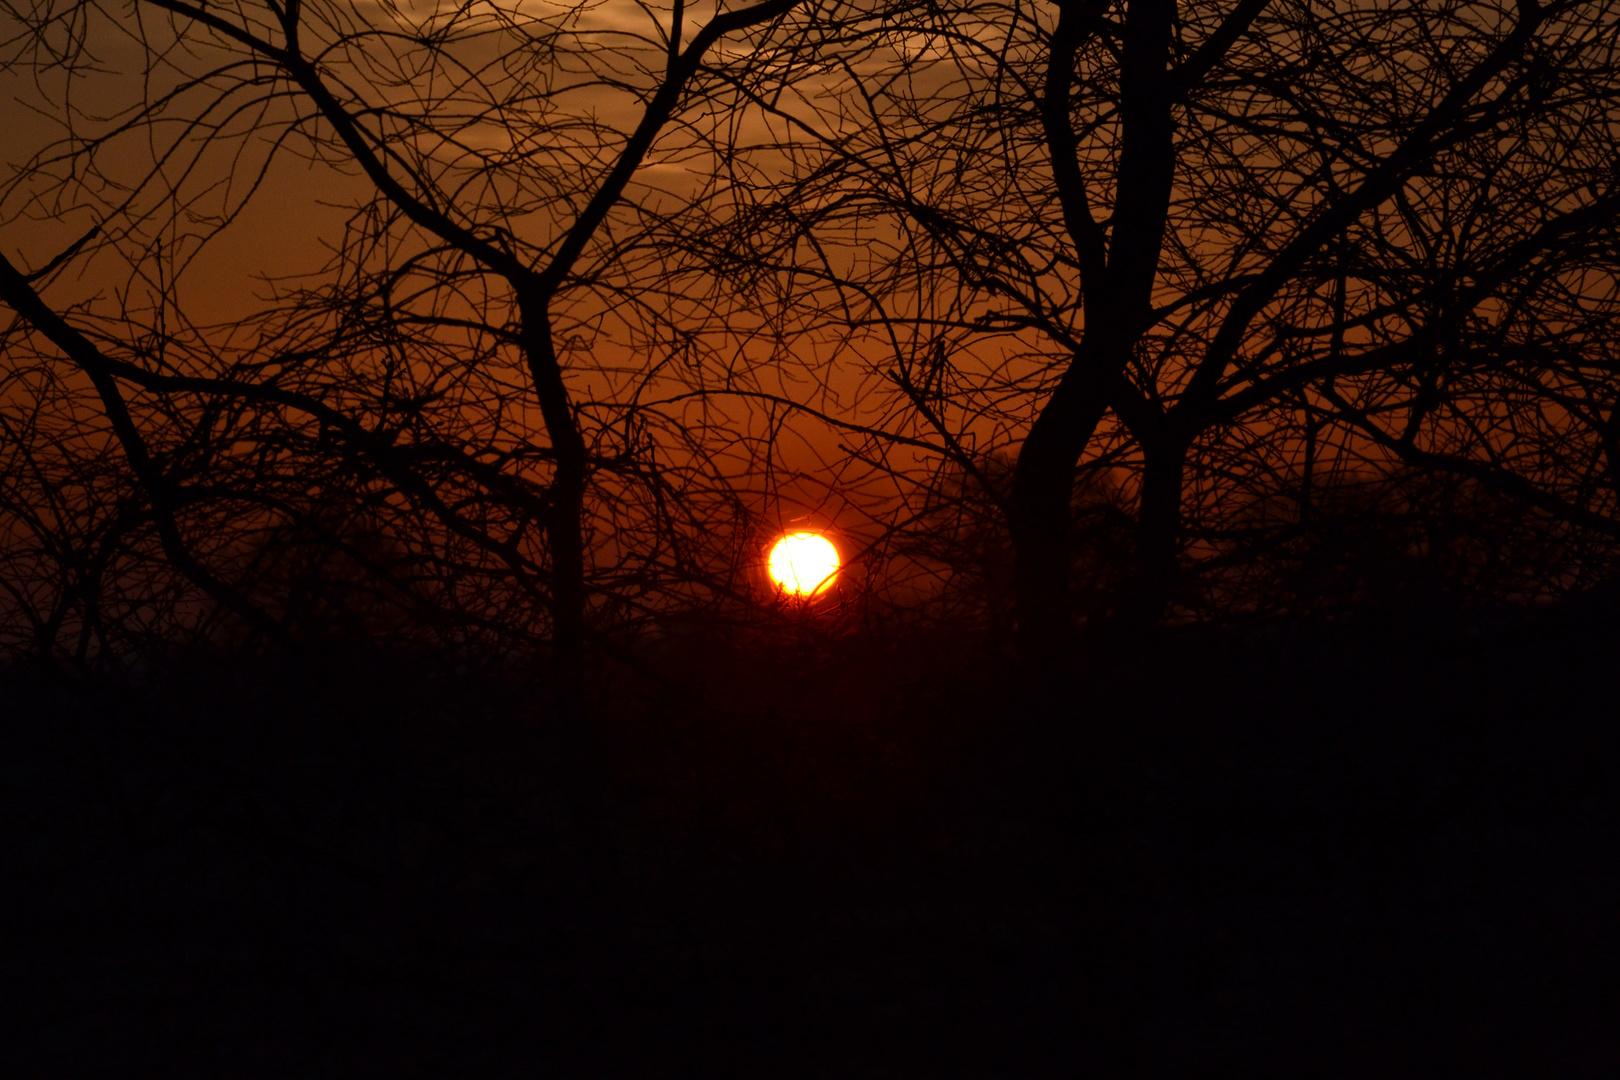 Ein Sonnenaufgang..